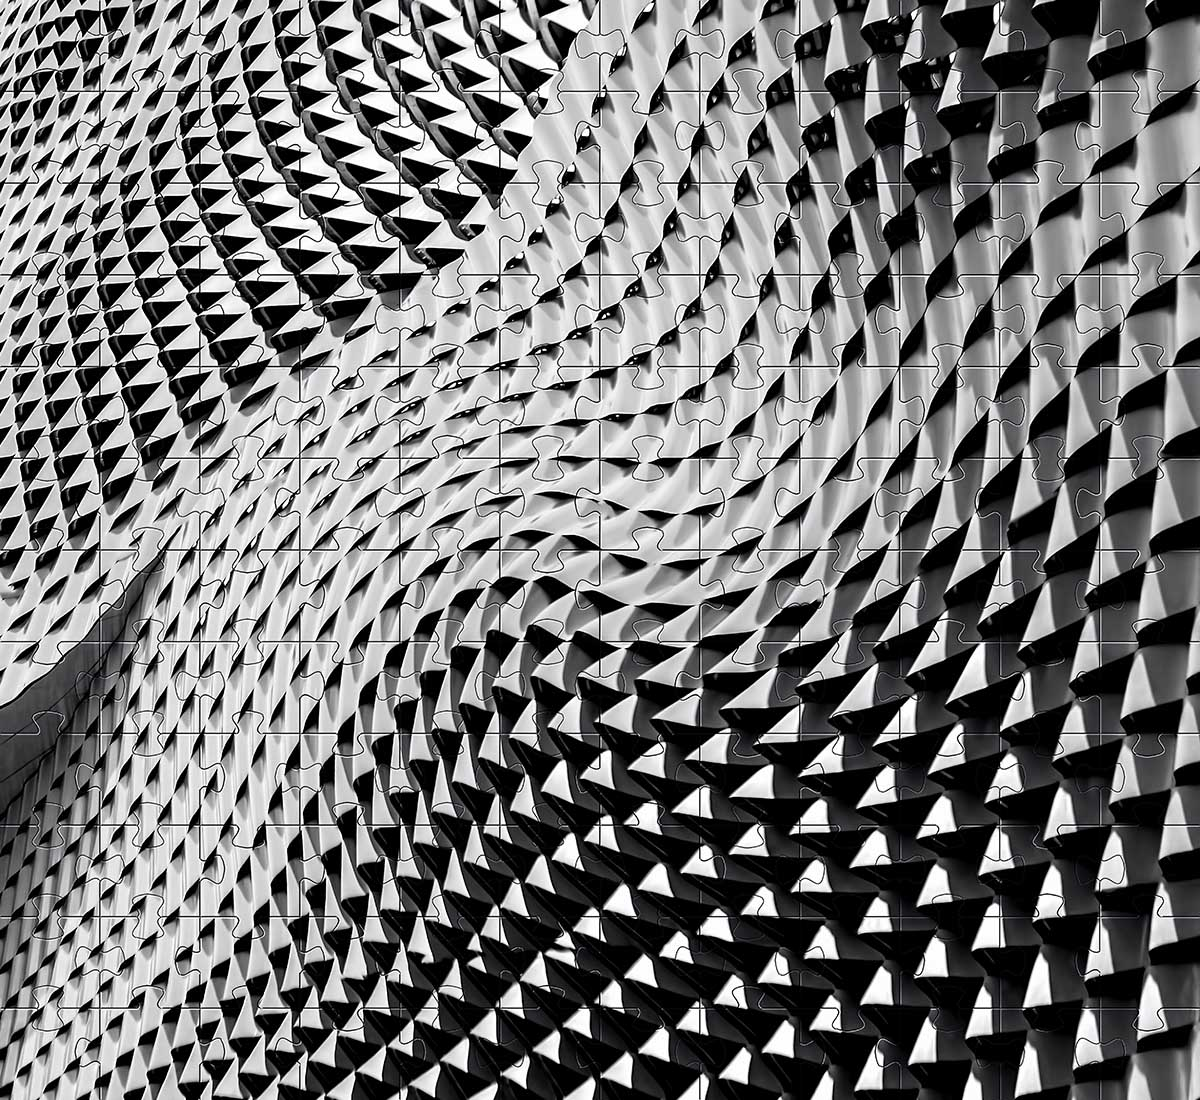 kit 6 Quebra-cabeça dificil para adultos linha Abstract Secret 165 peças